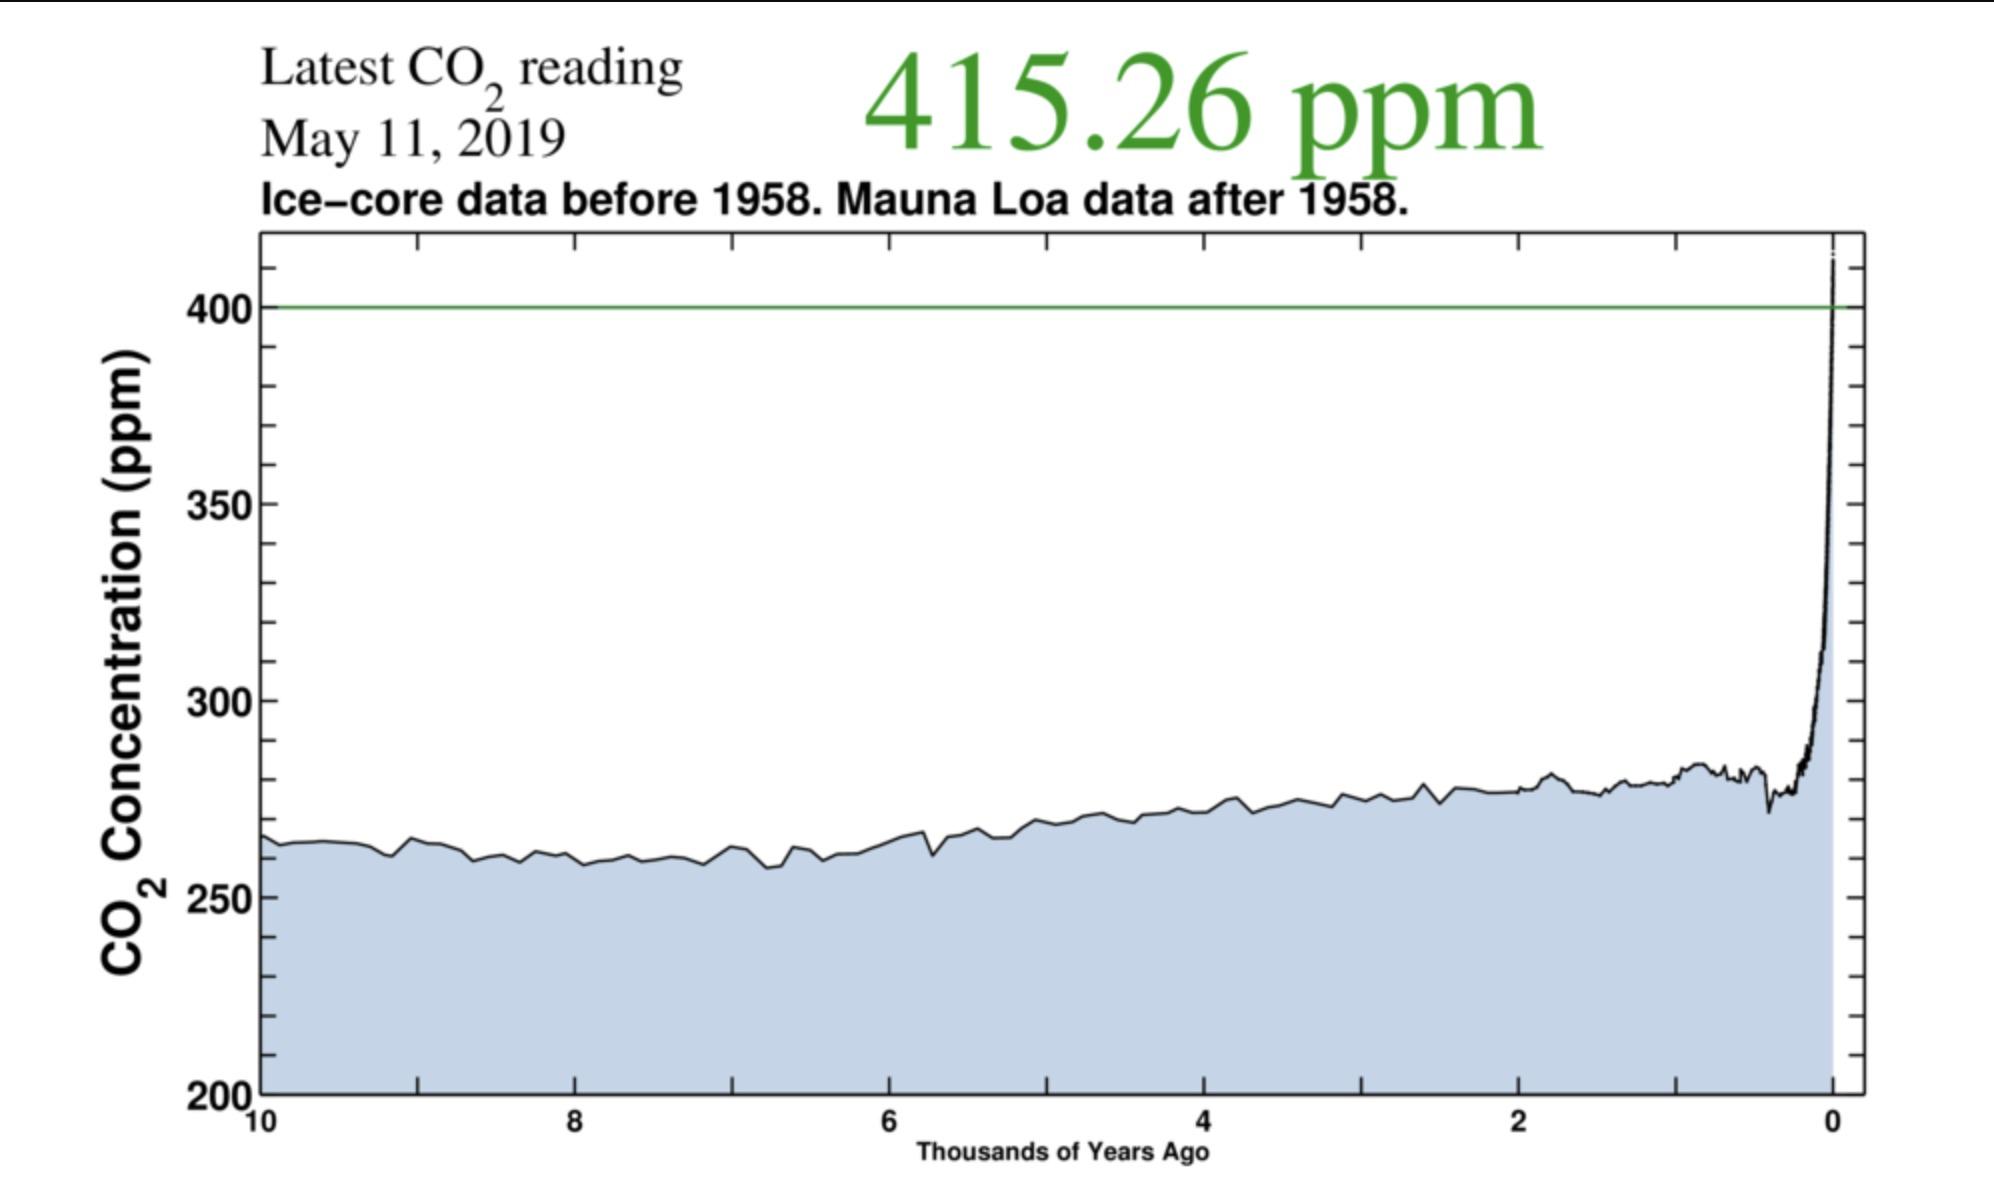 La Tierra ha alcanzado niveles de CO2 en la atmósfera nunca antes vistos